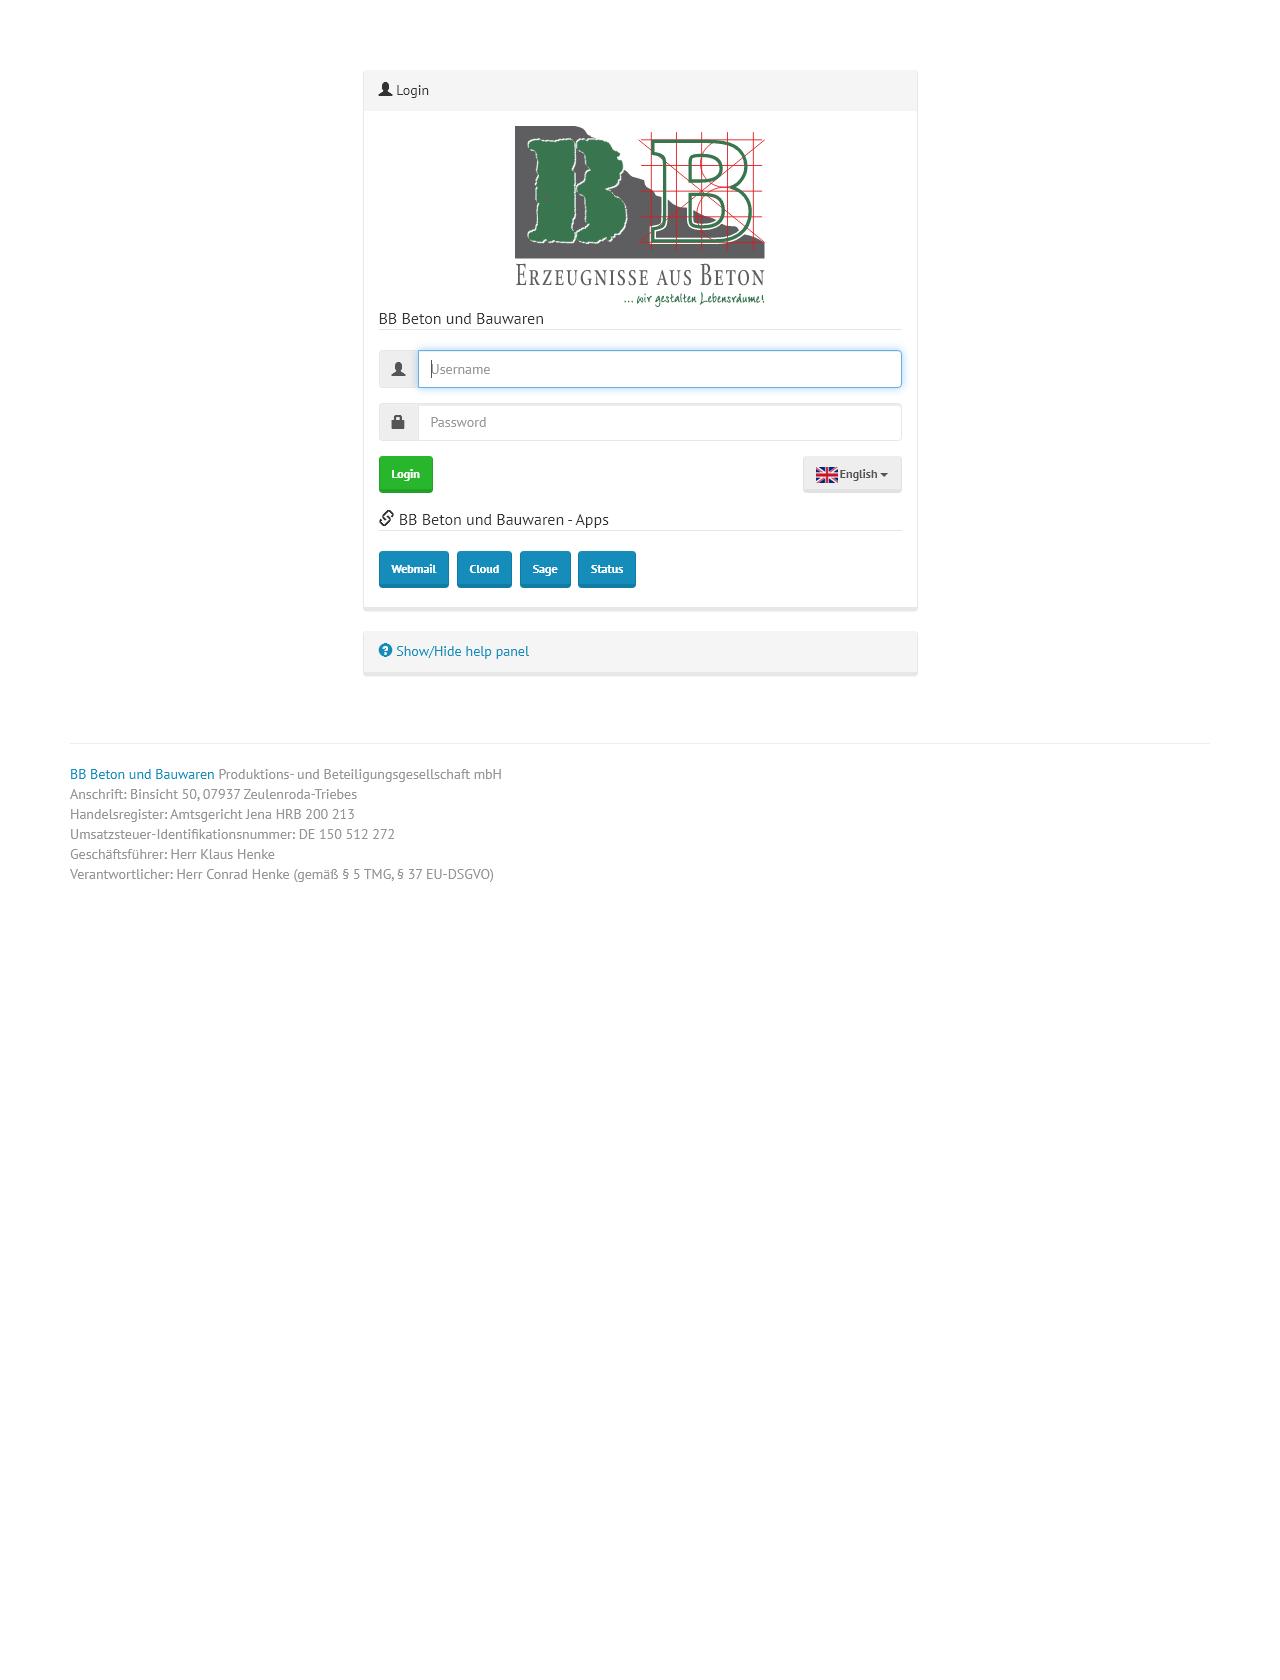 Screenshot Desktop - https://mail.bbbeton.de/